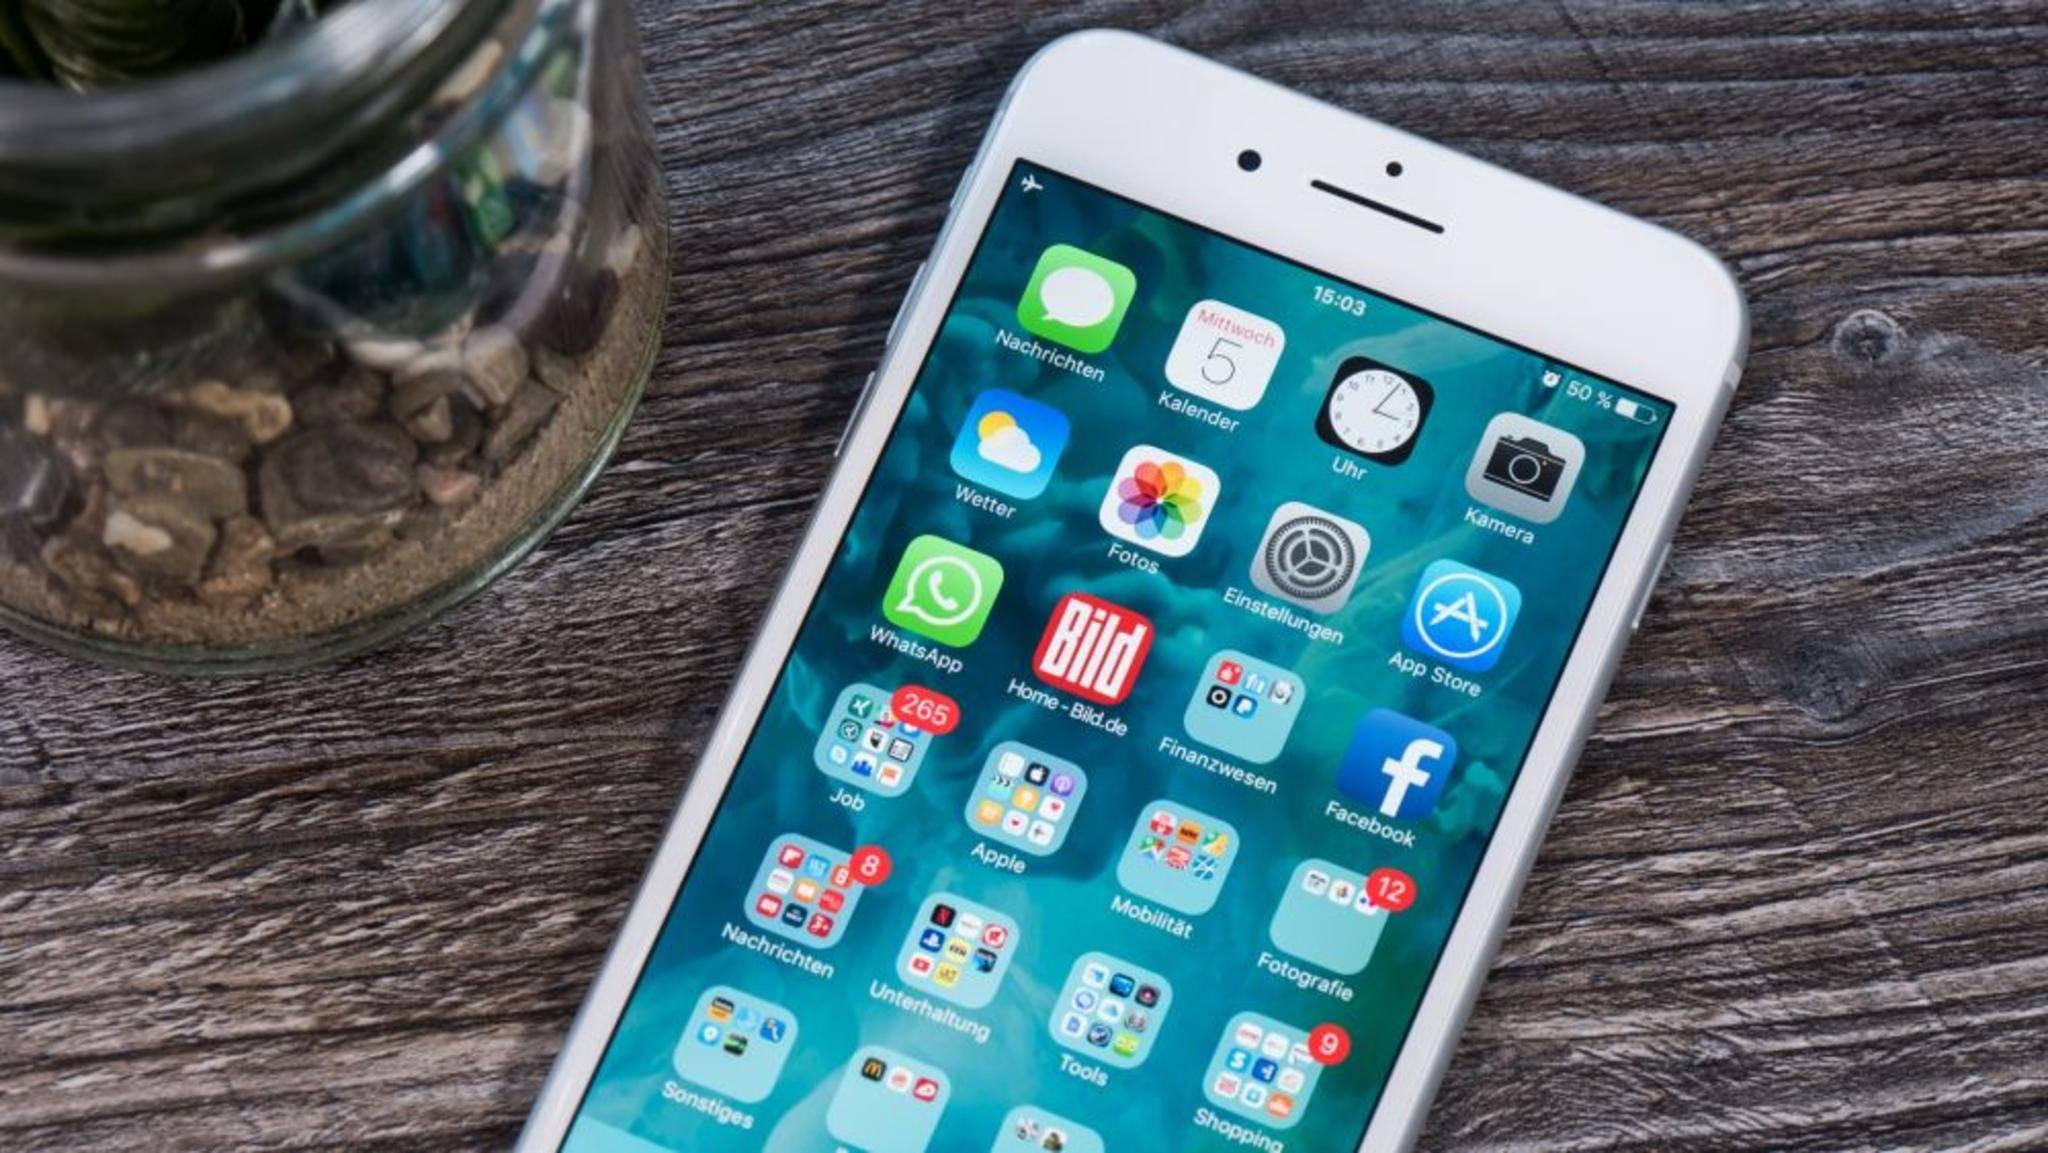 Alles andere als ein Ladenhüter: Das iPhone 7.